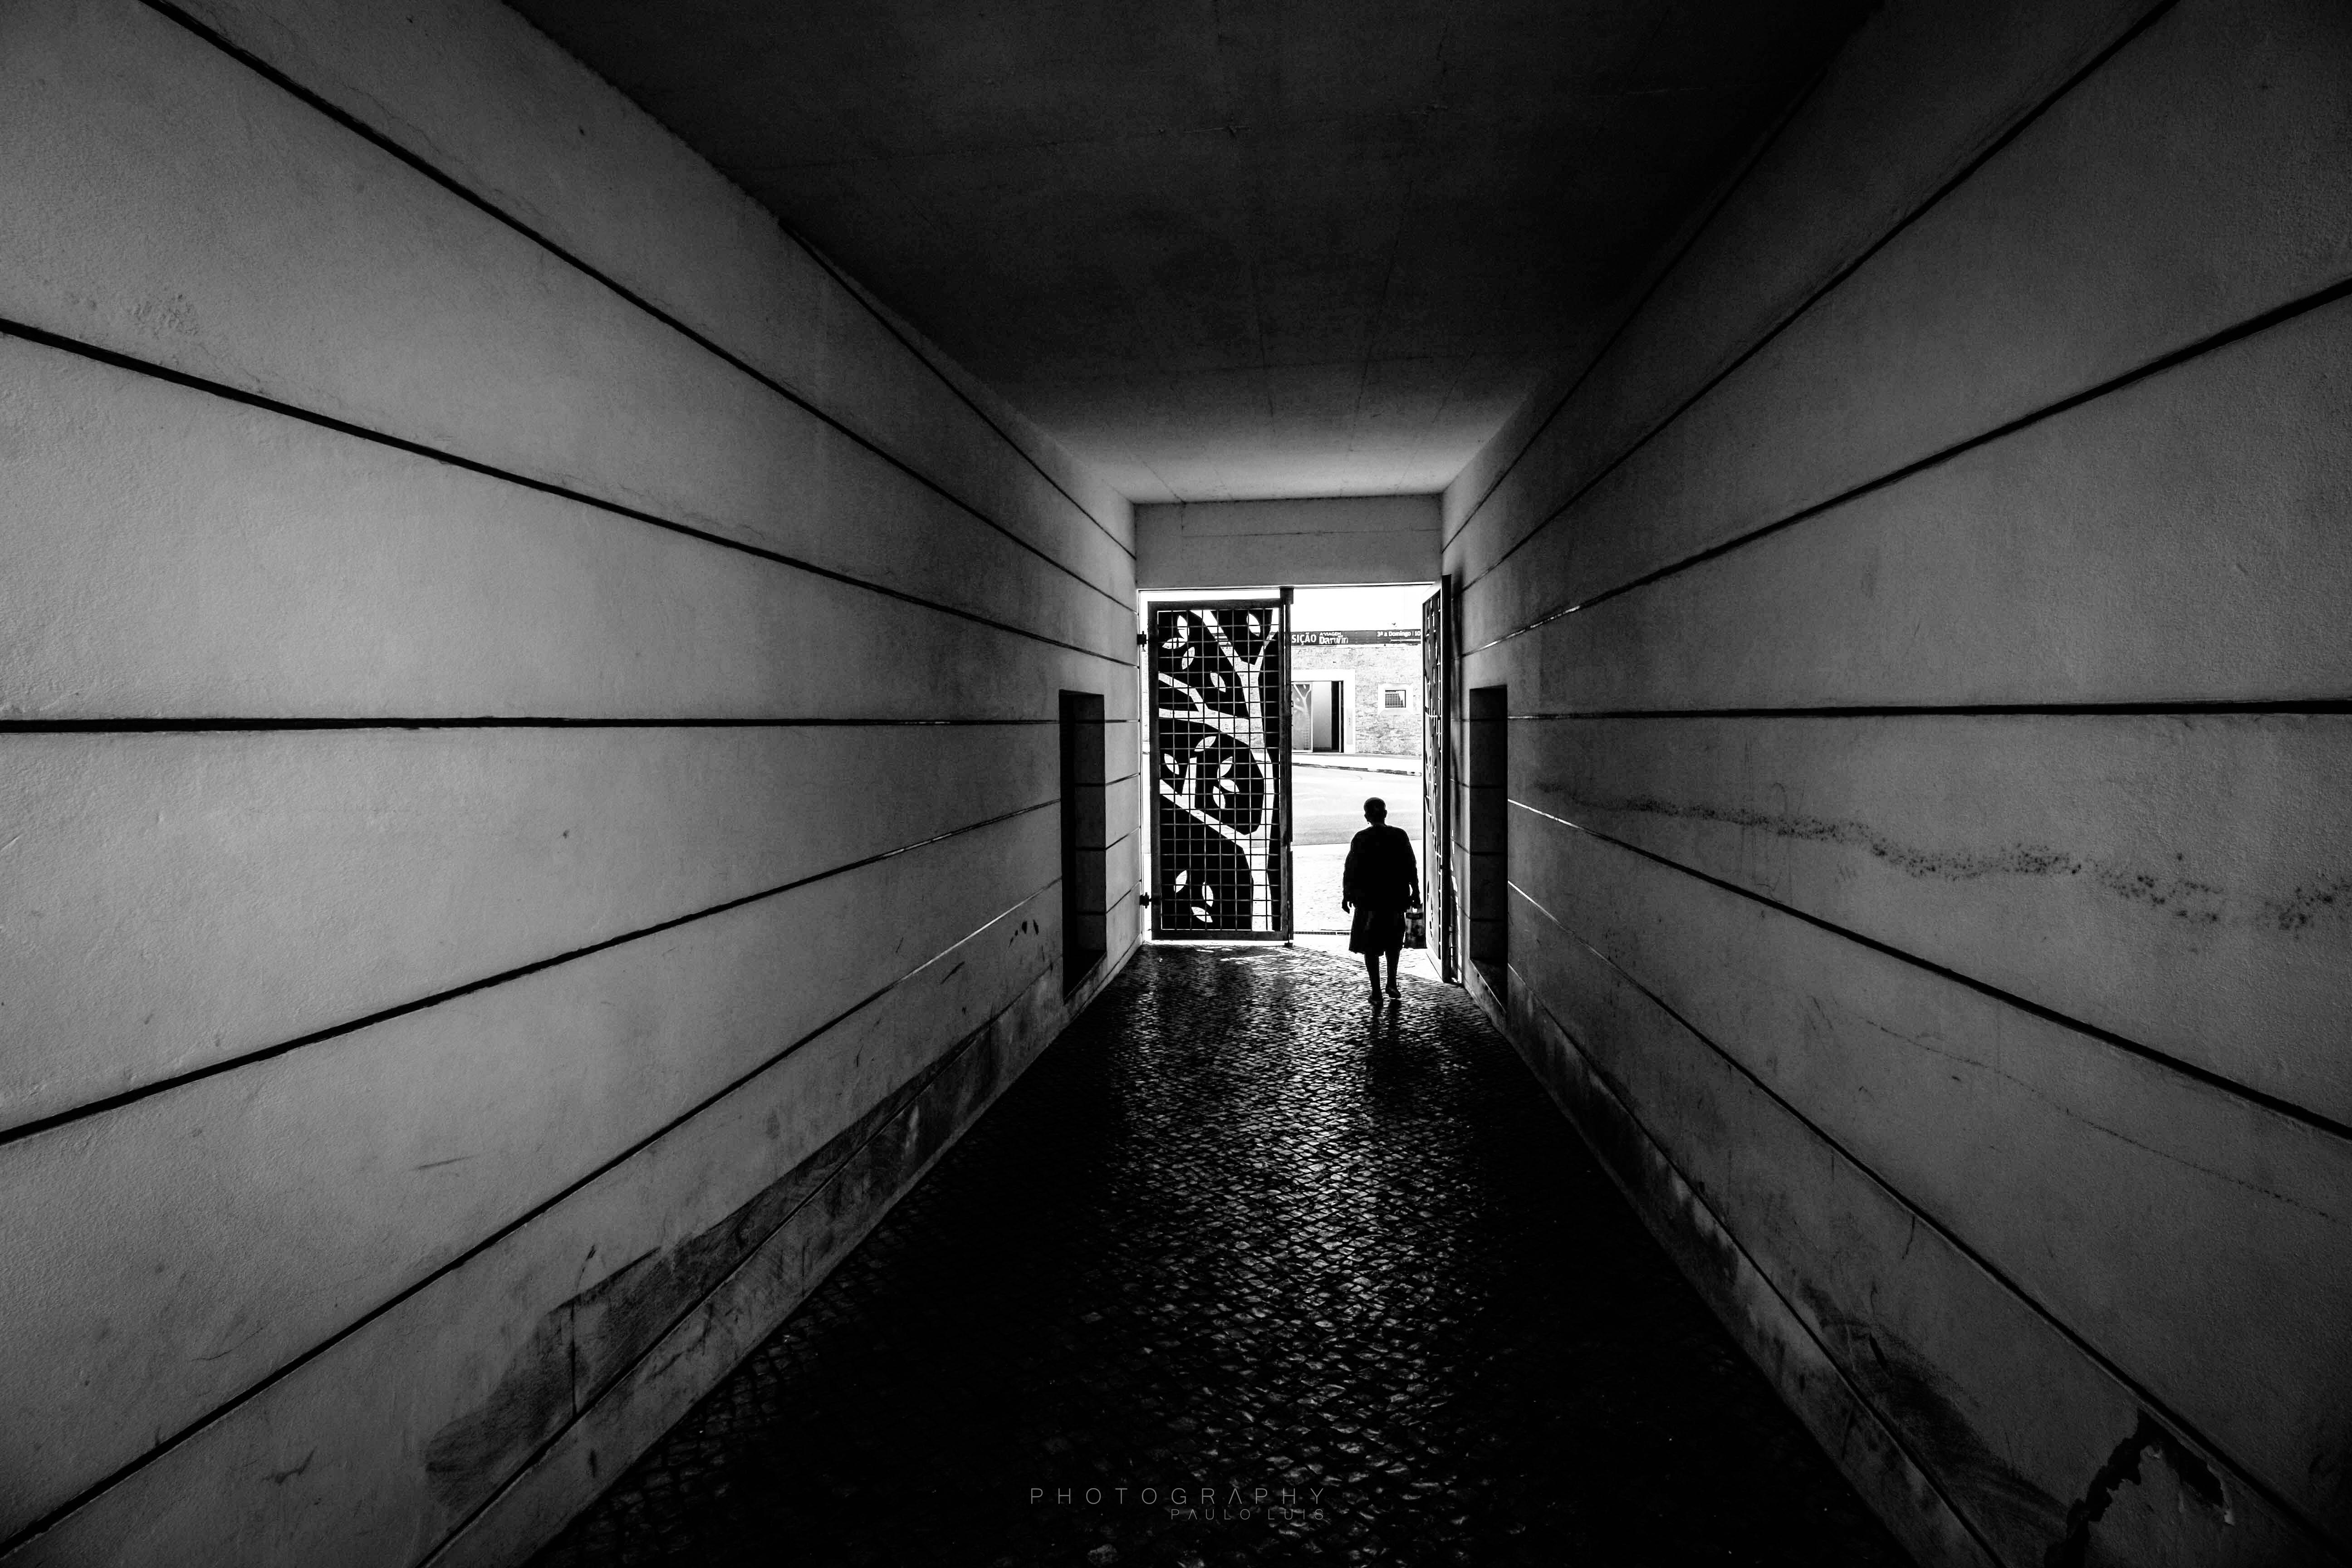 © Paulo Luis - life Is an open Door